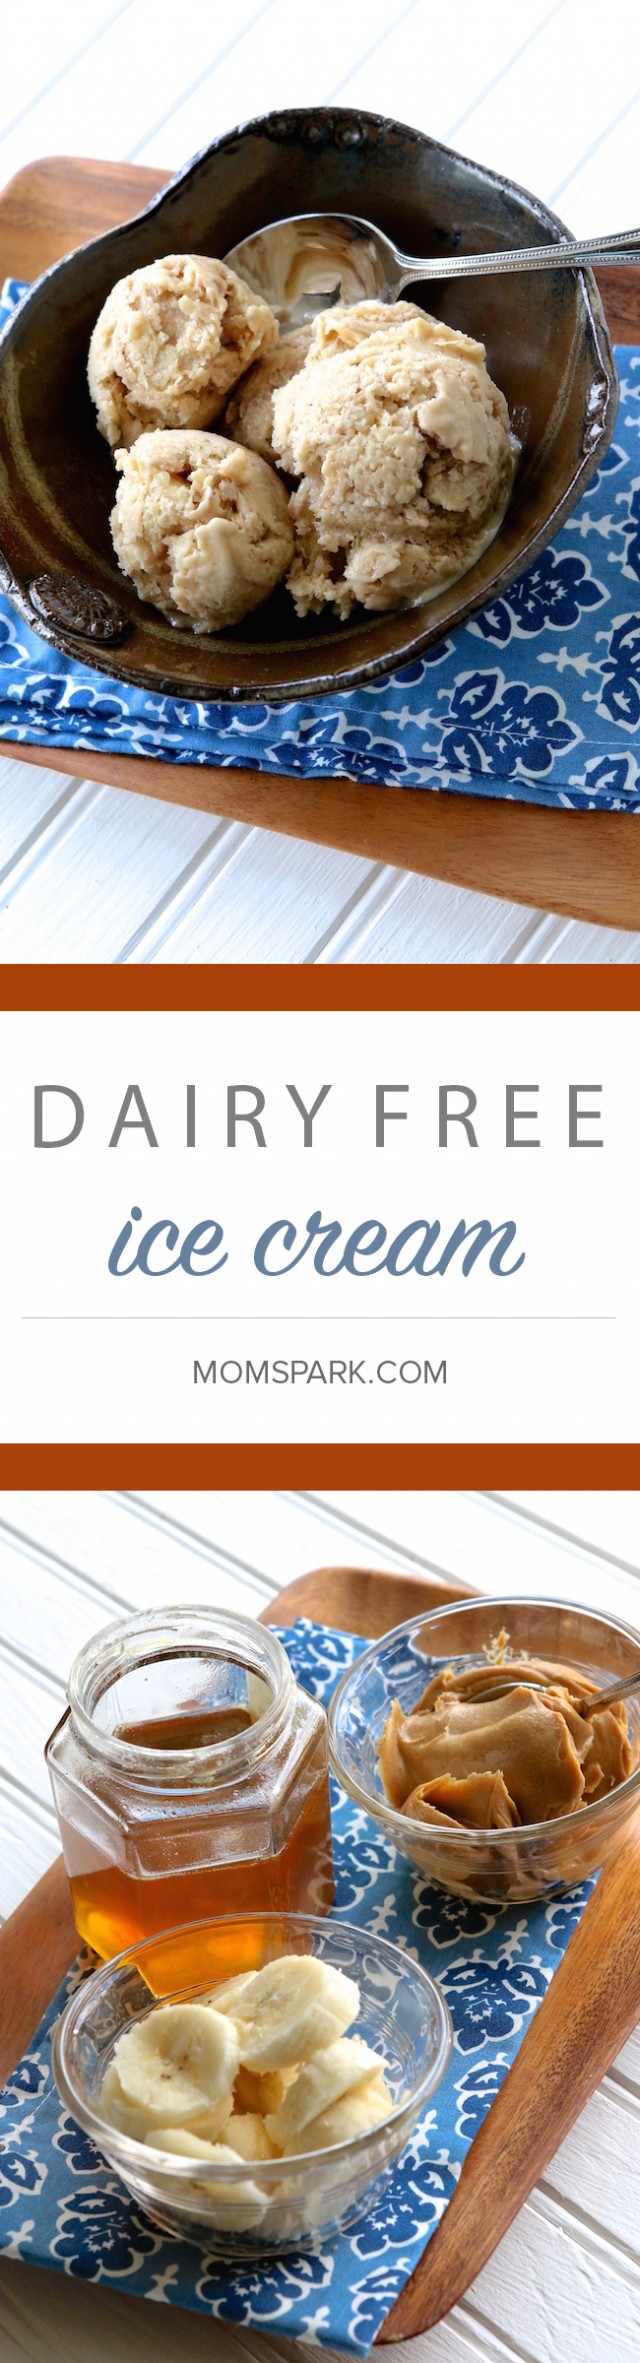 Dairy Free Peanut Butter Honey Banana Ice Cream